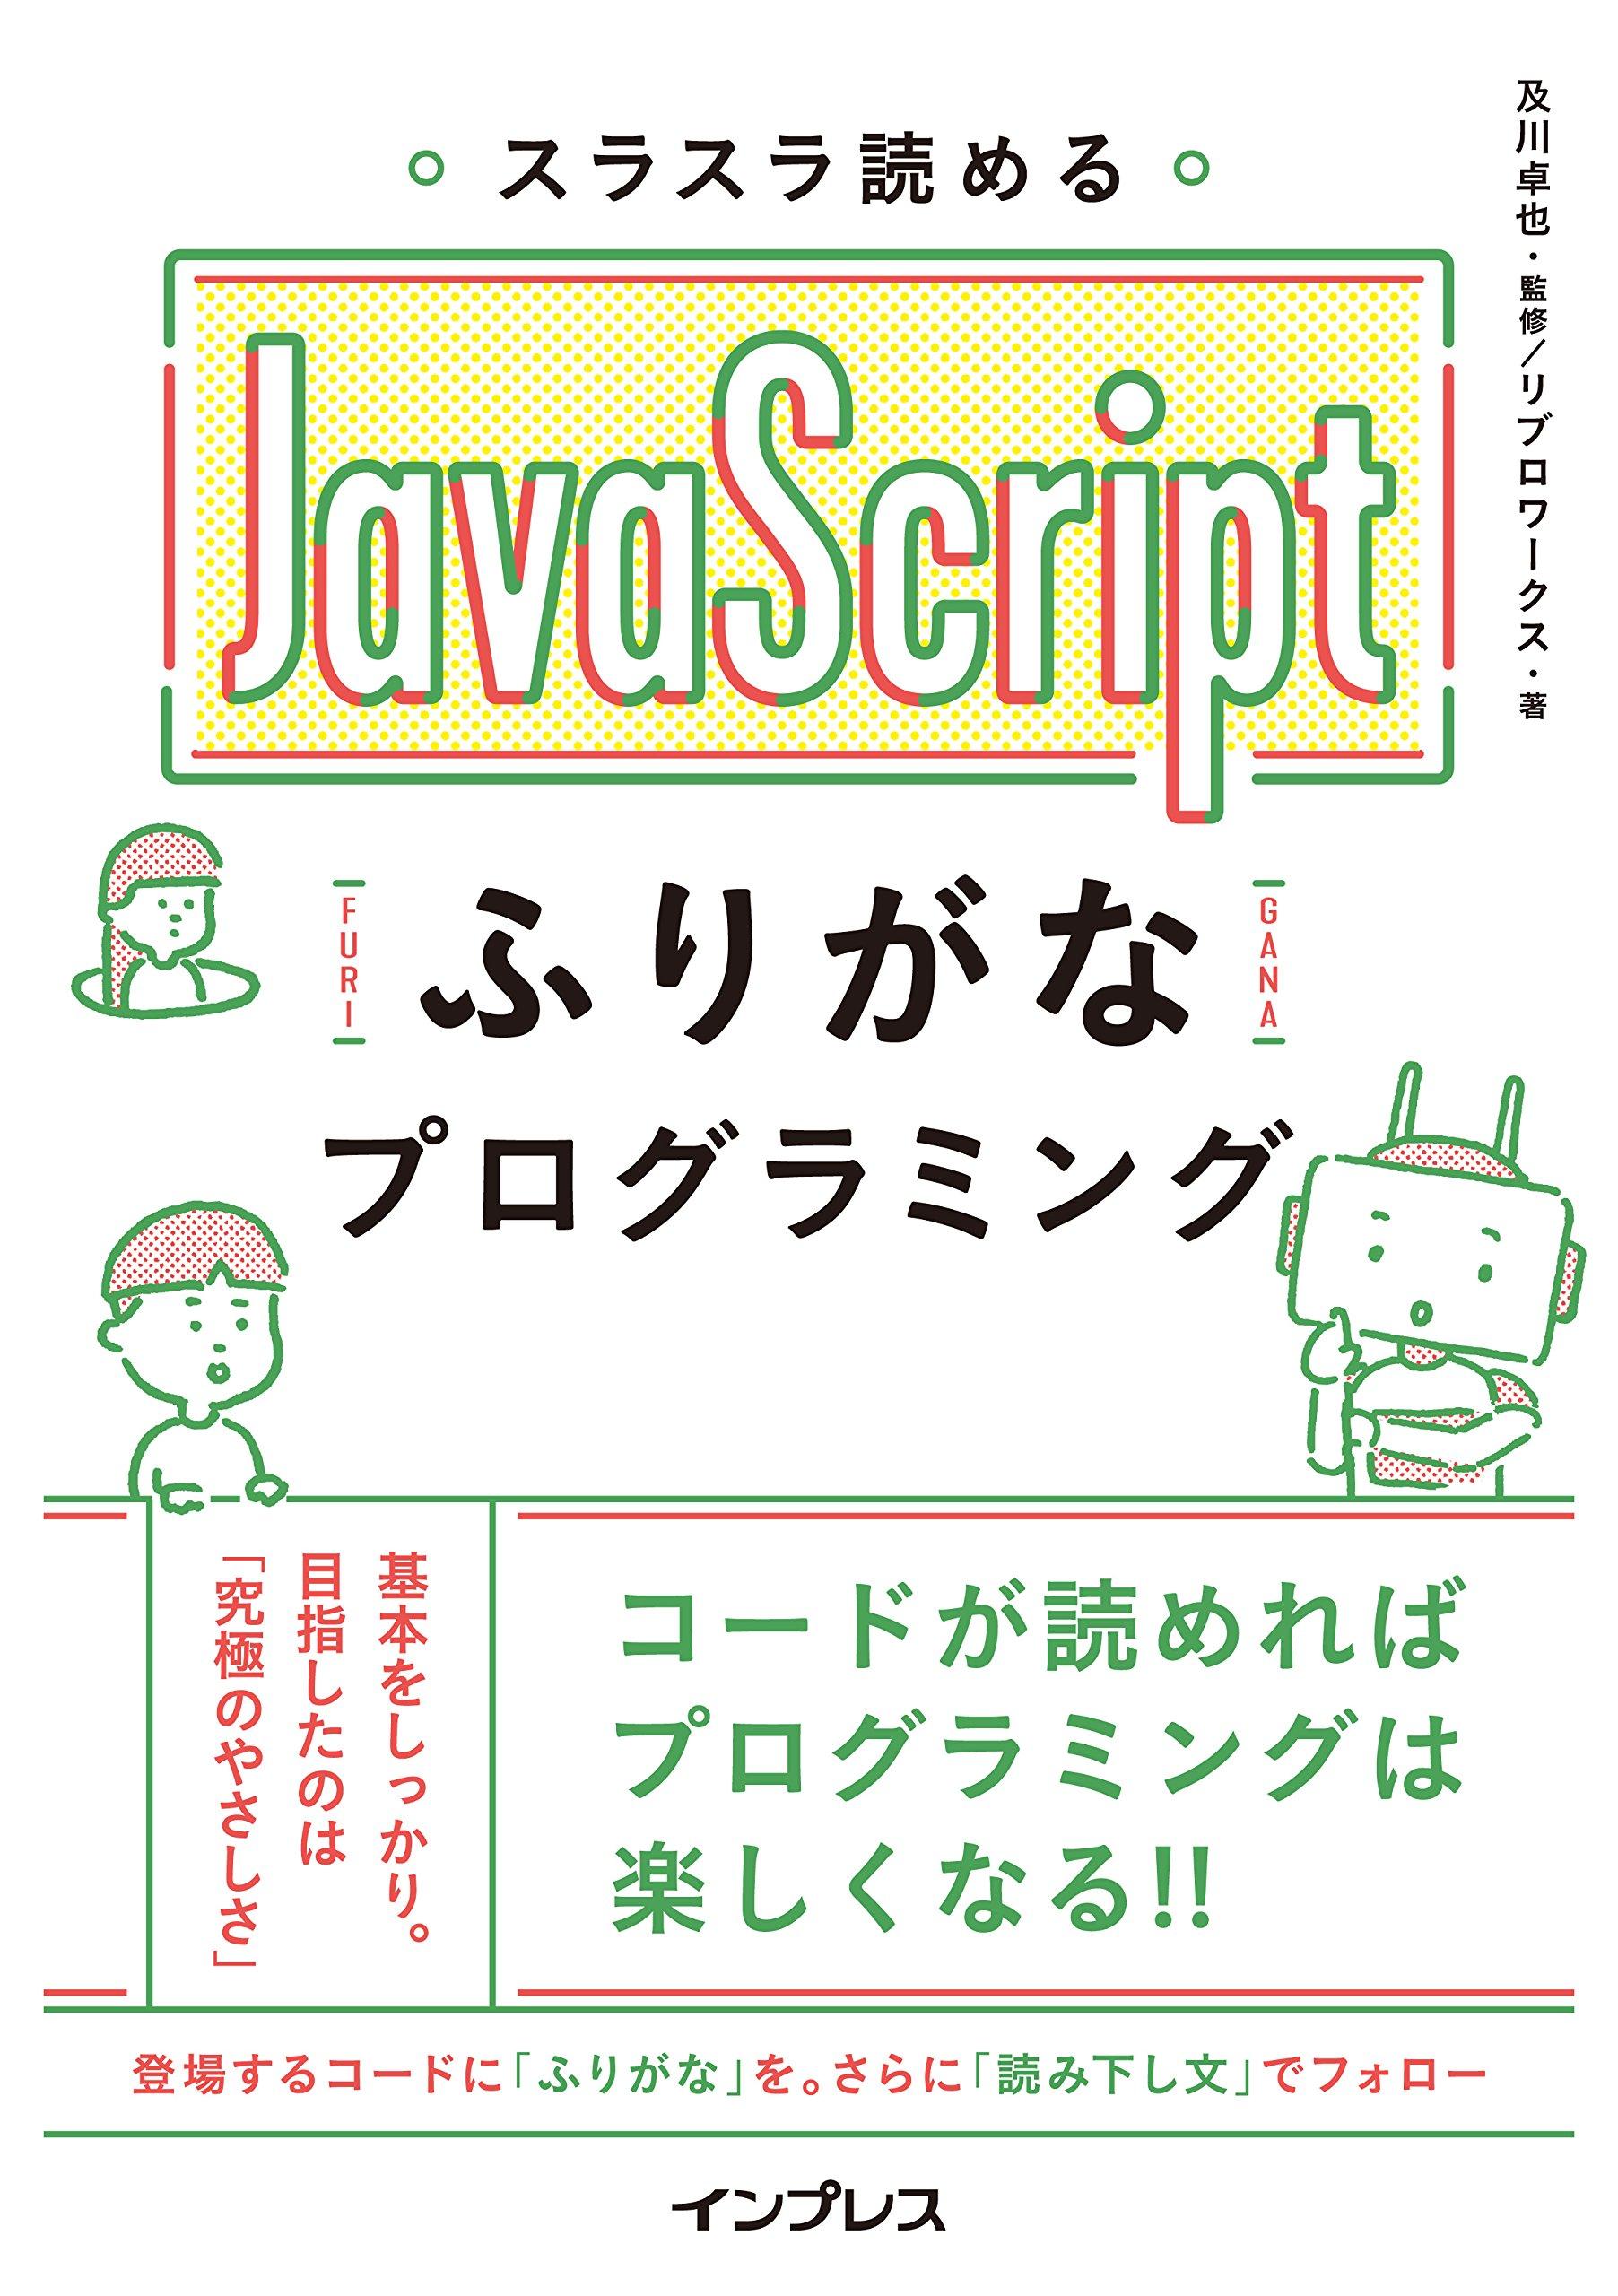 Image of  スラスラ読める JavaScript ふりがなプログラミング